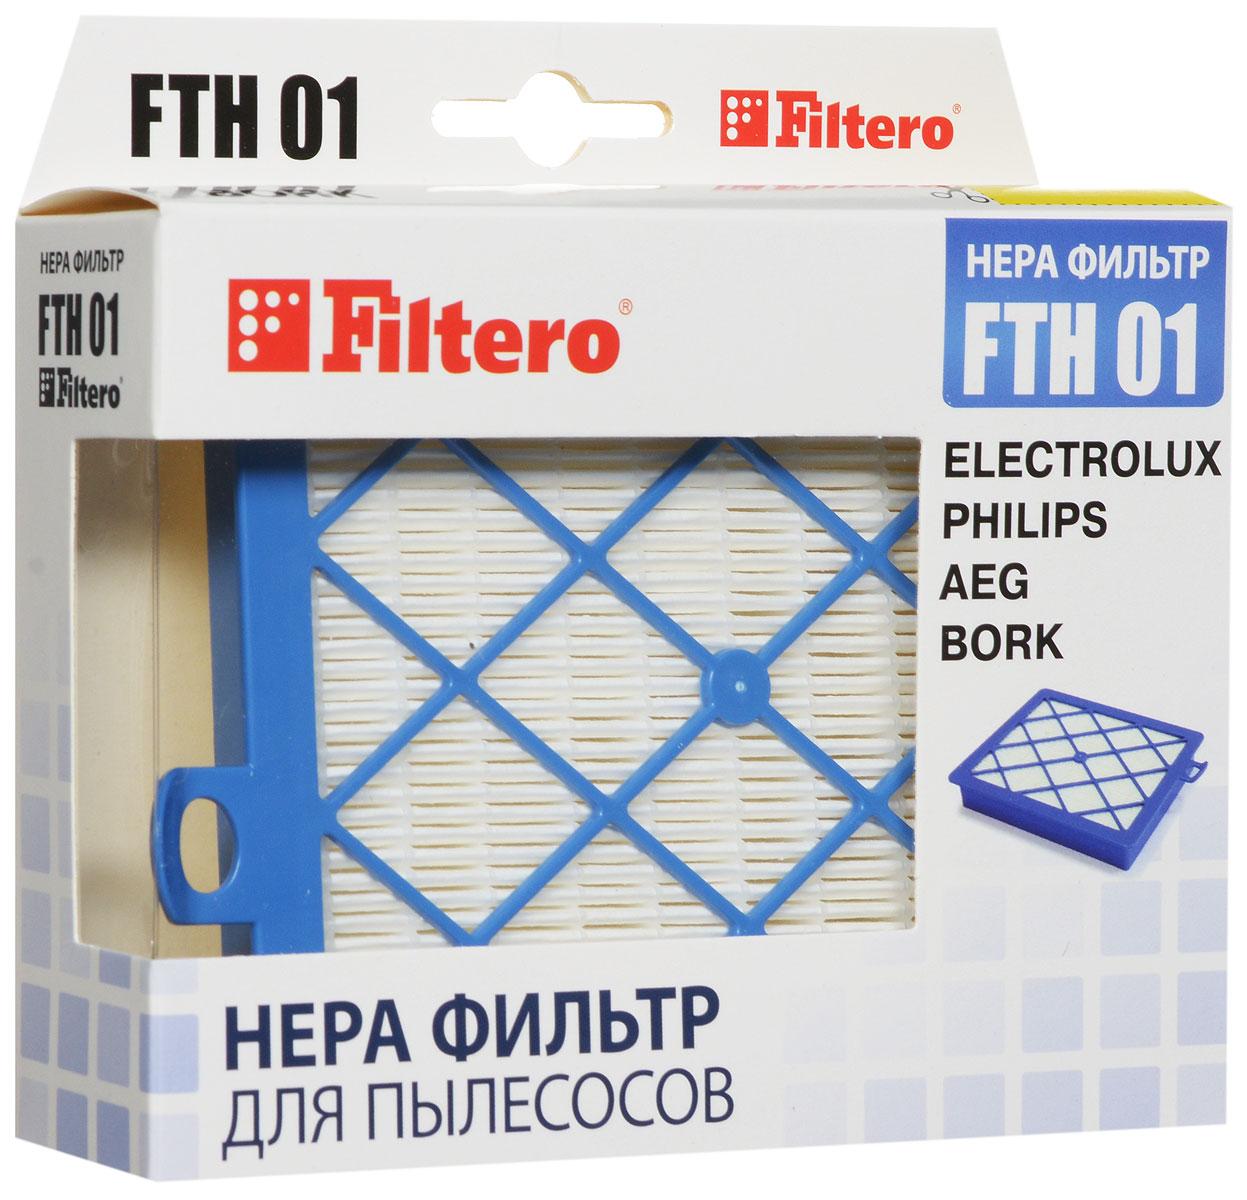 Filtero FTH 01 ELX Hepa-фильтр для Electrolux, Philips filtero fth 01 w elx hepa фильтр моющийся для пылесосов electrolux philips